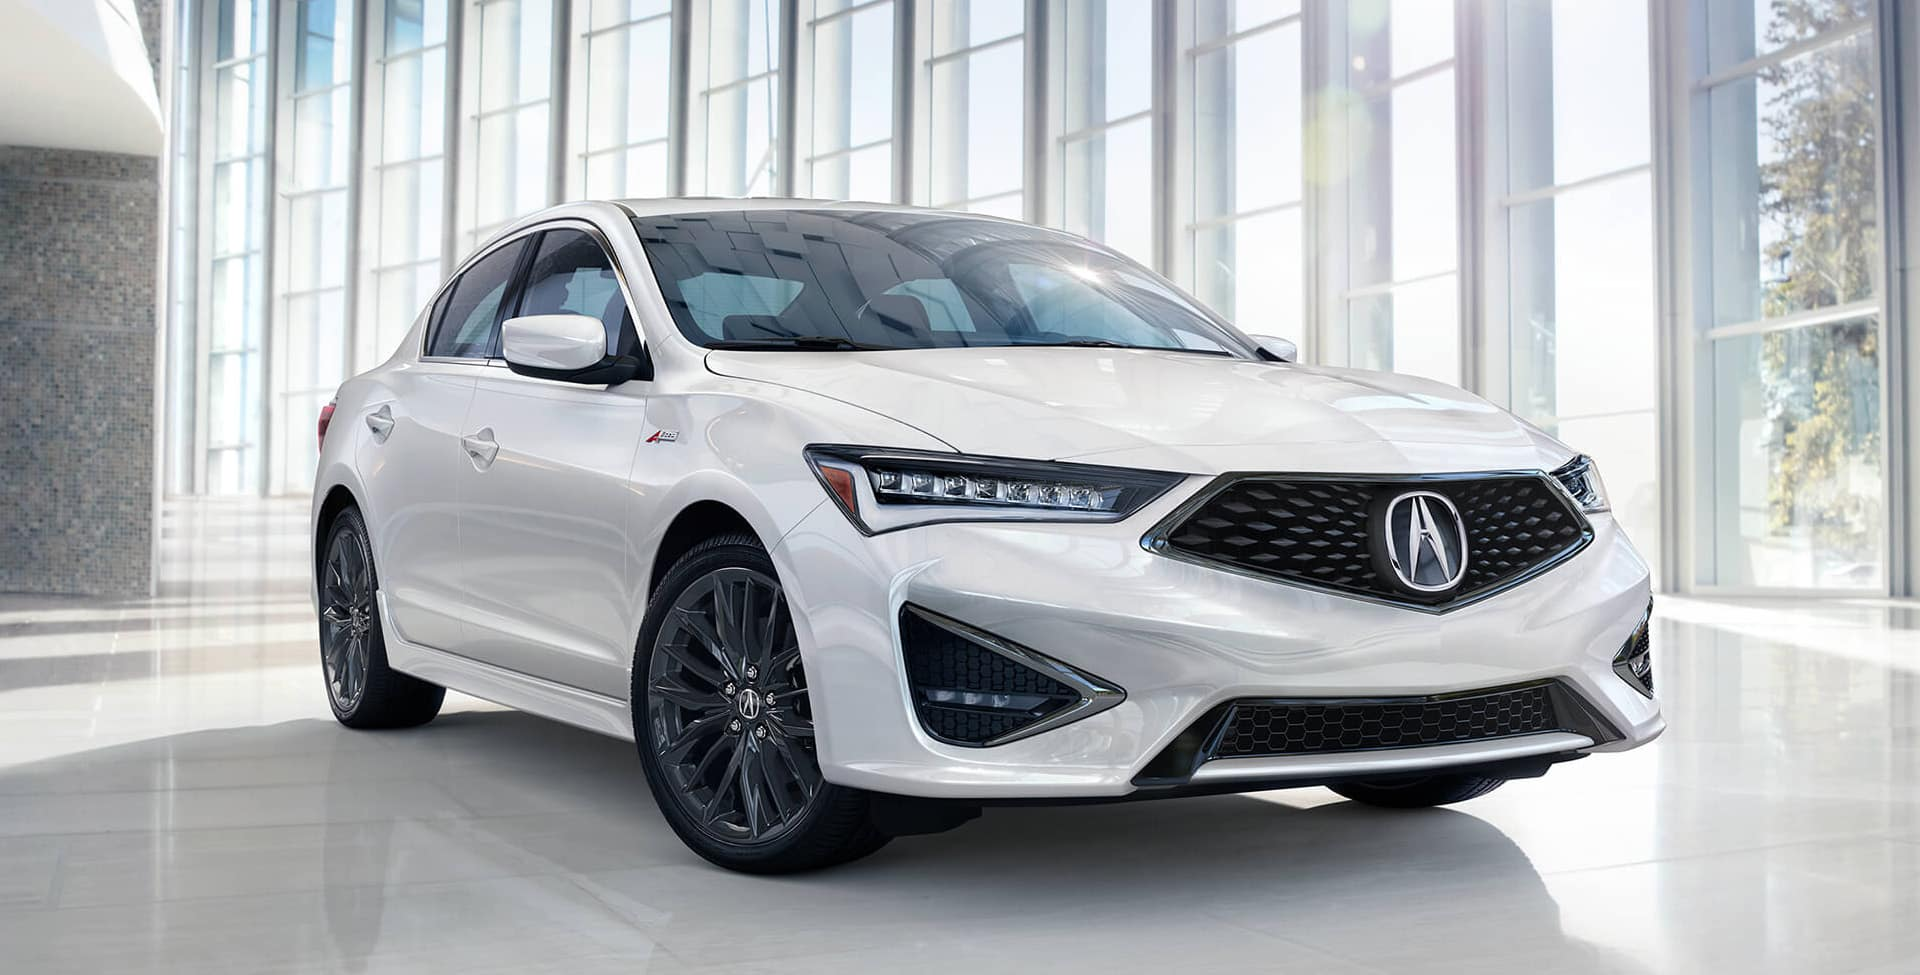 White Acura ILX